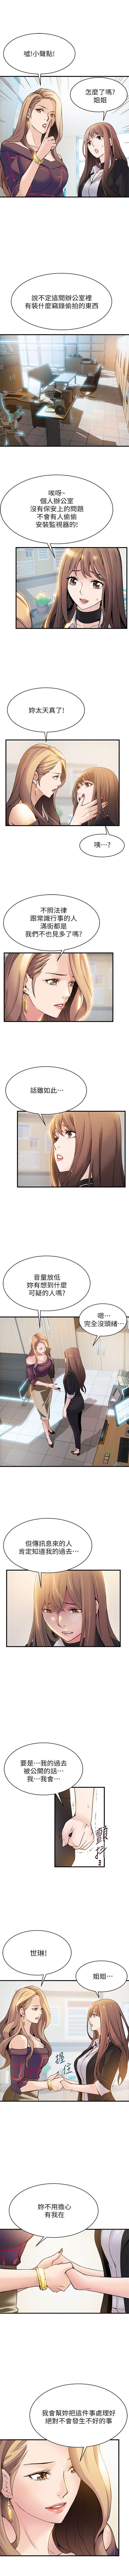 (周7)弱点 1-66 中文翻译(更新中) 45